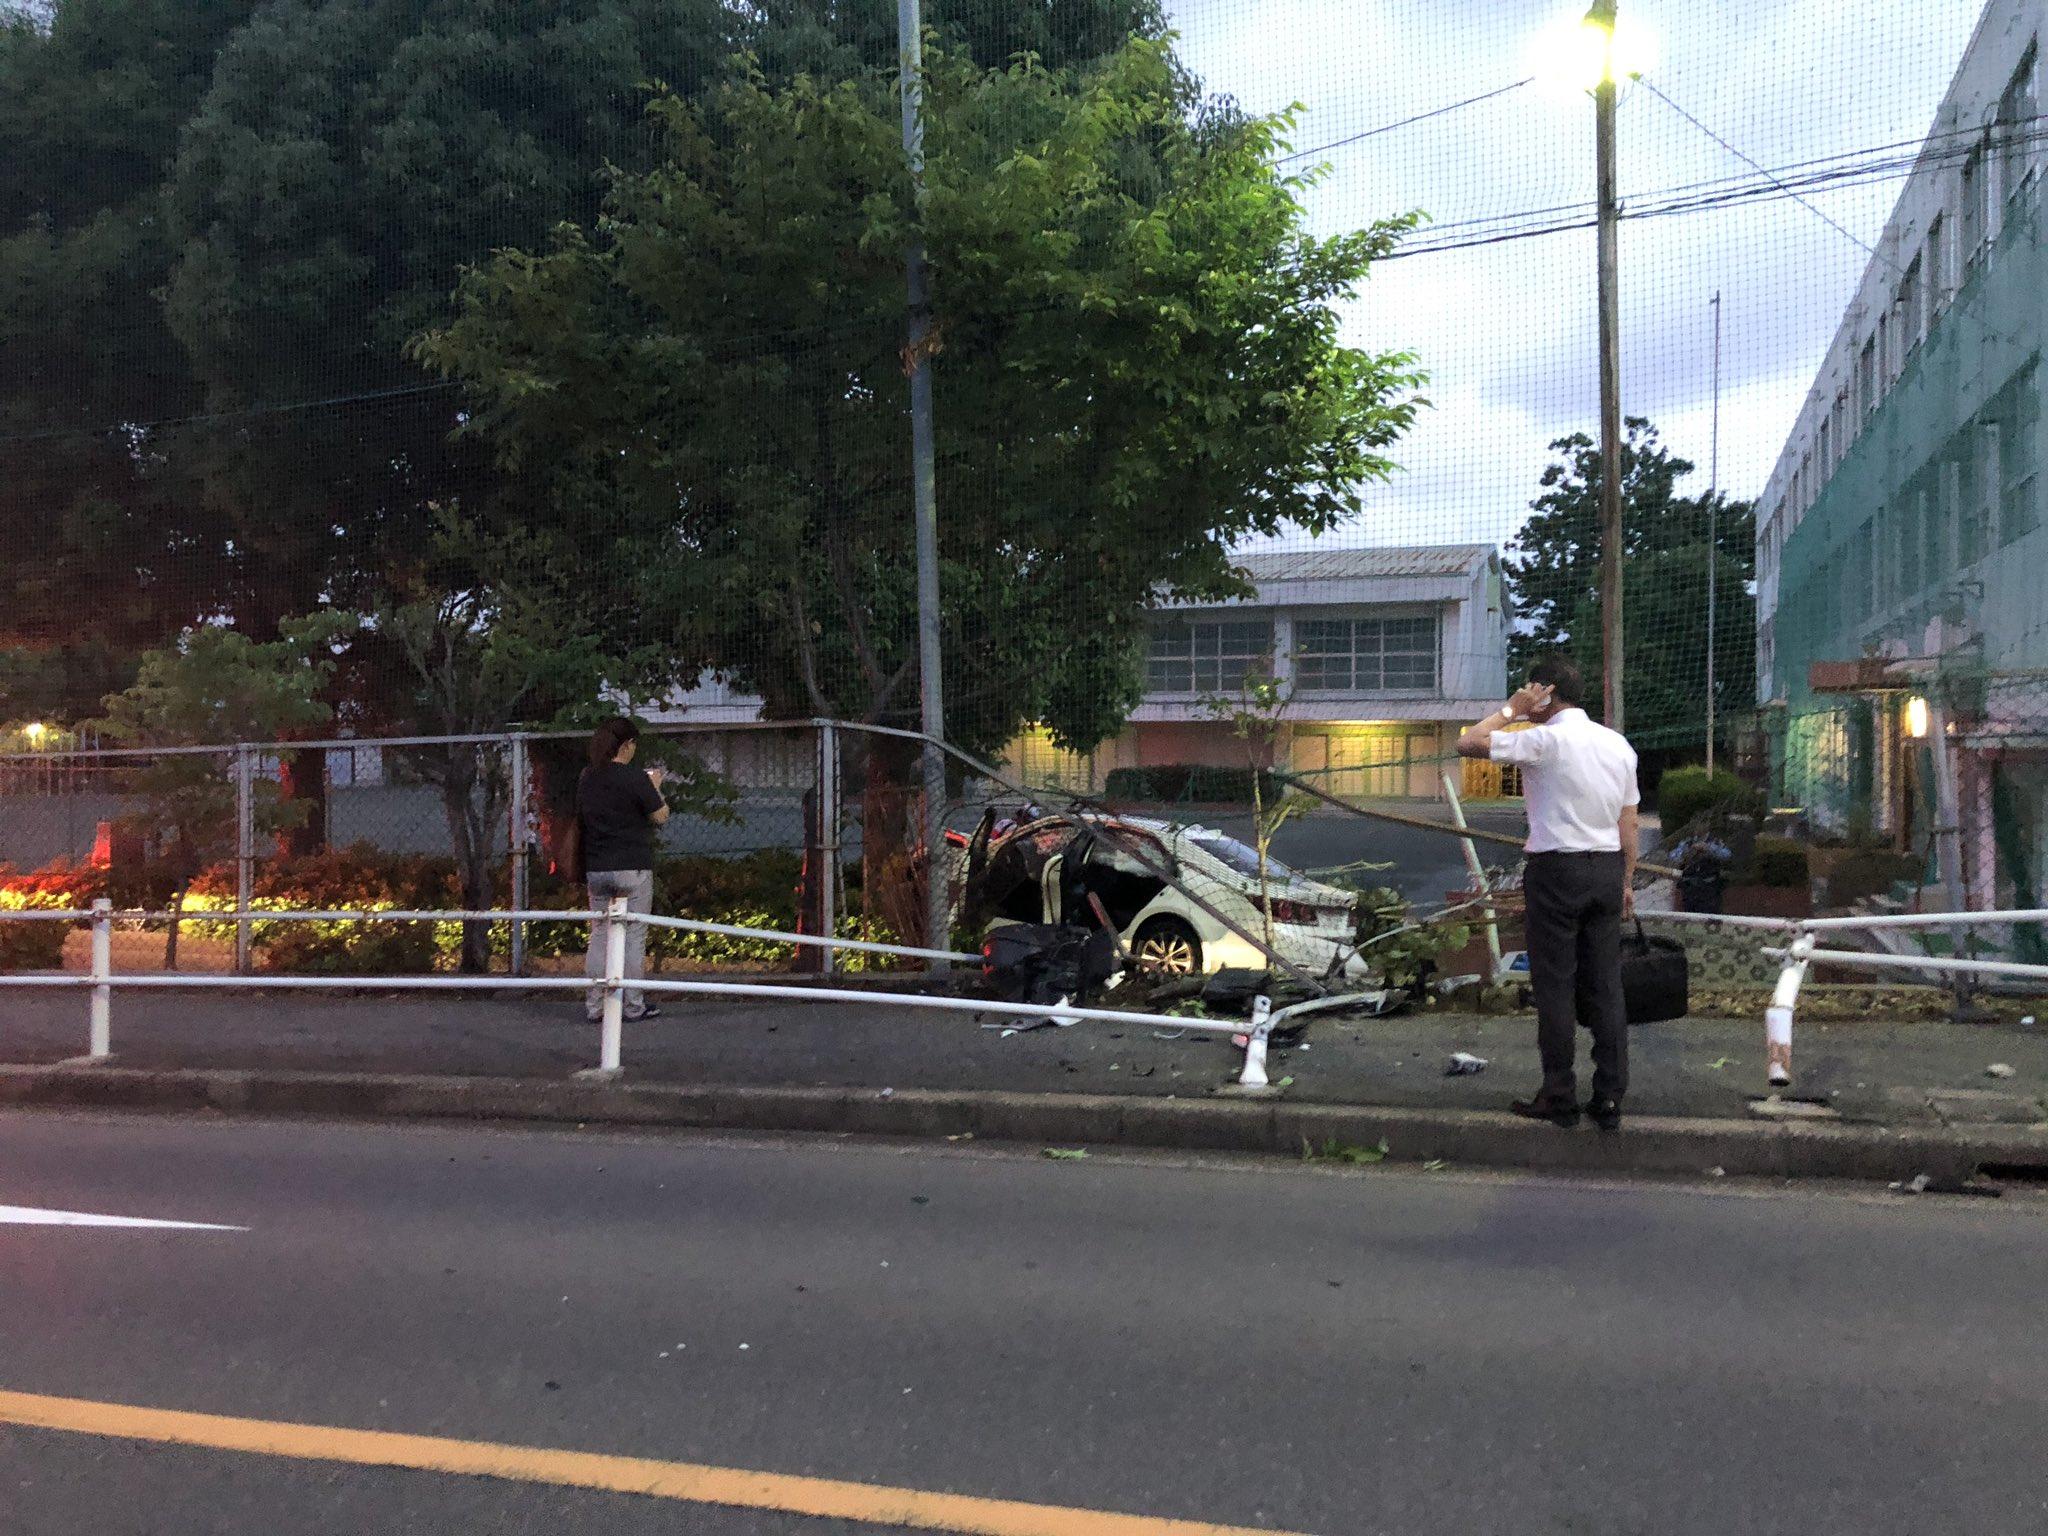 名古屋市昭和区伊勝町の伊勝小学校で車がフェンスを突き破る事故の現場画像